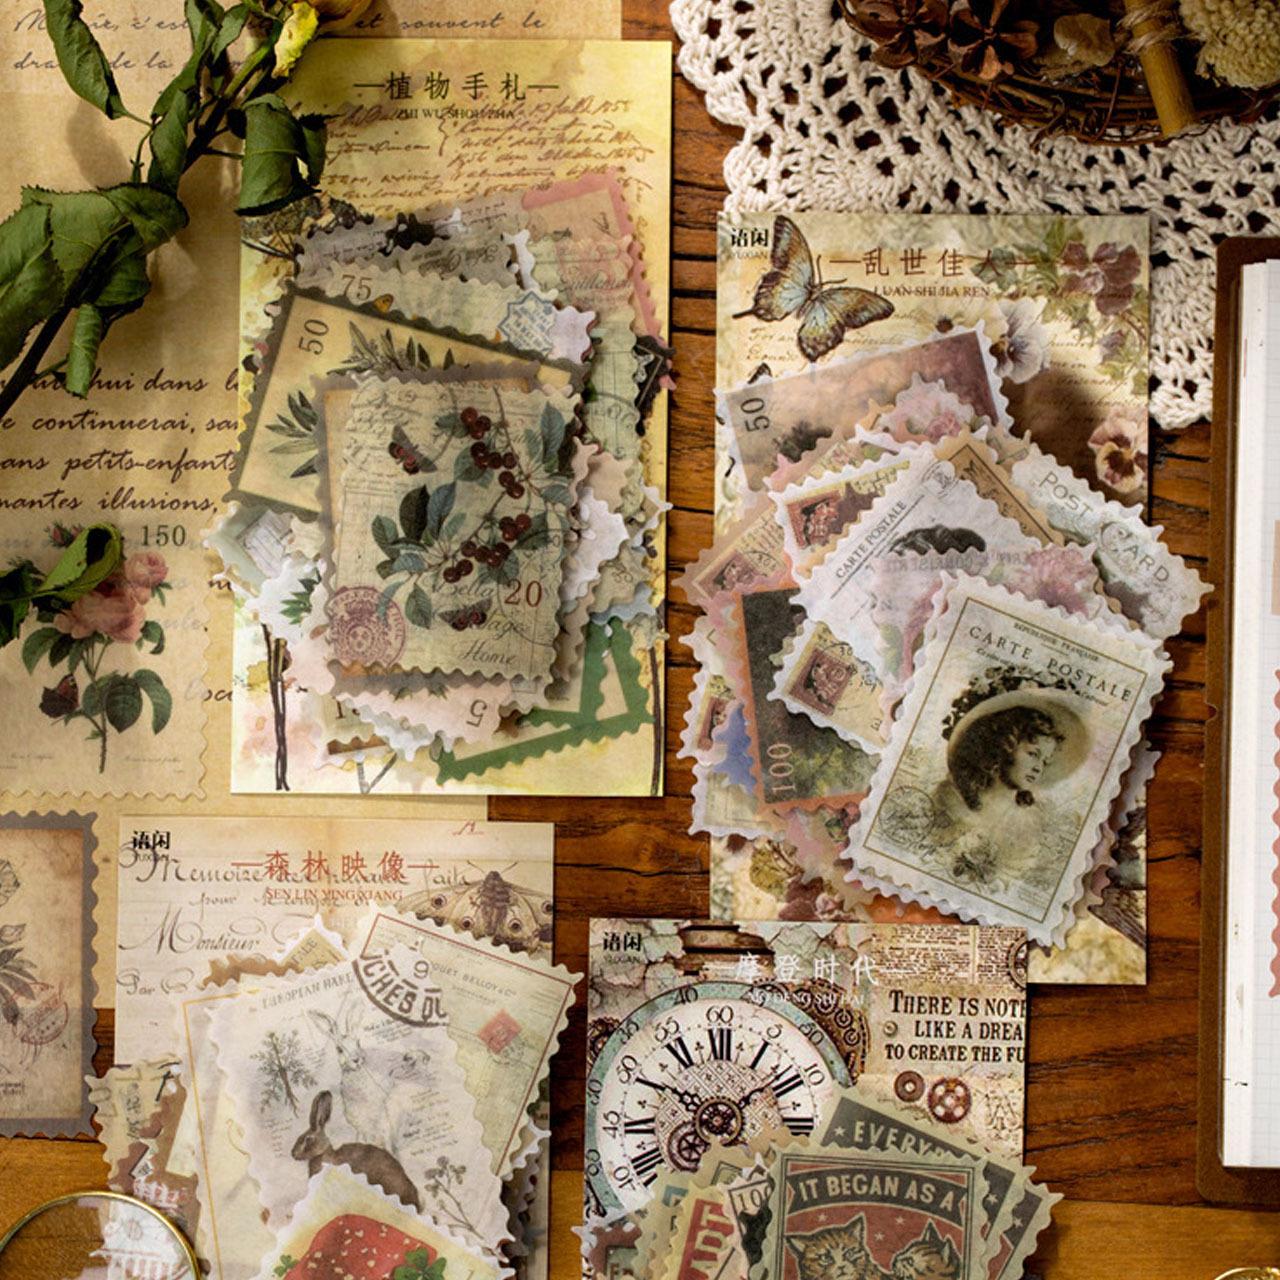 レトロ スタンプ ステッカー 全4種 きのこ うさぎ 植物 花 貴婦人 切手モチーフ ほぼ日手帳 コラージュ ジャンクジャーナル 素材 シール F01